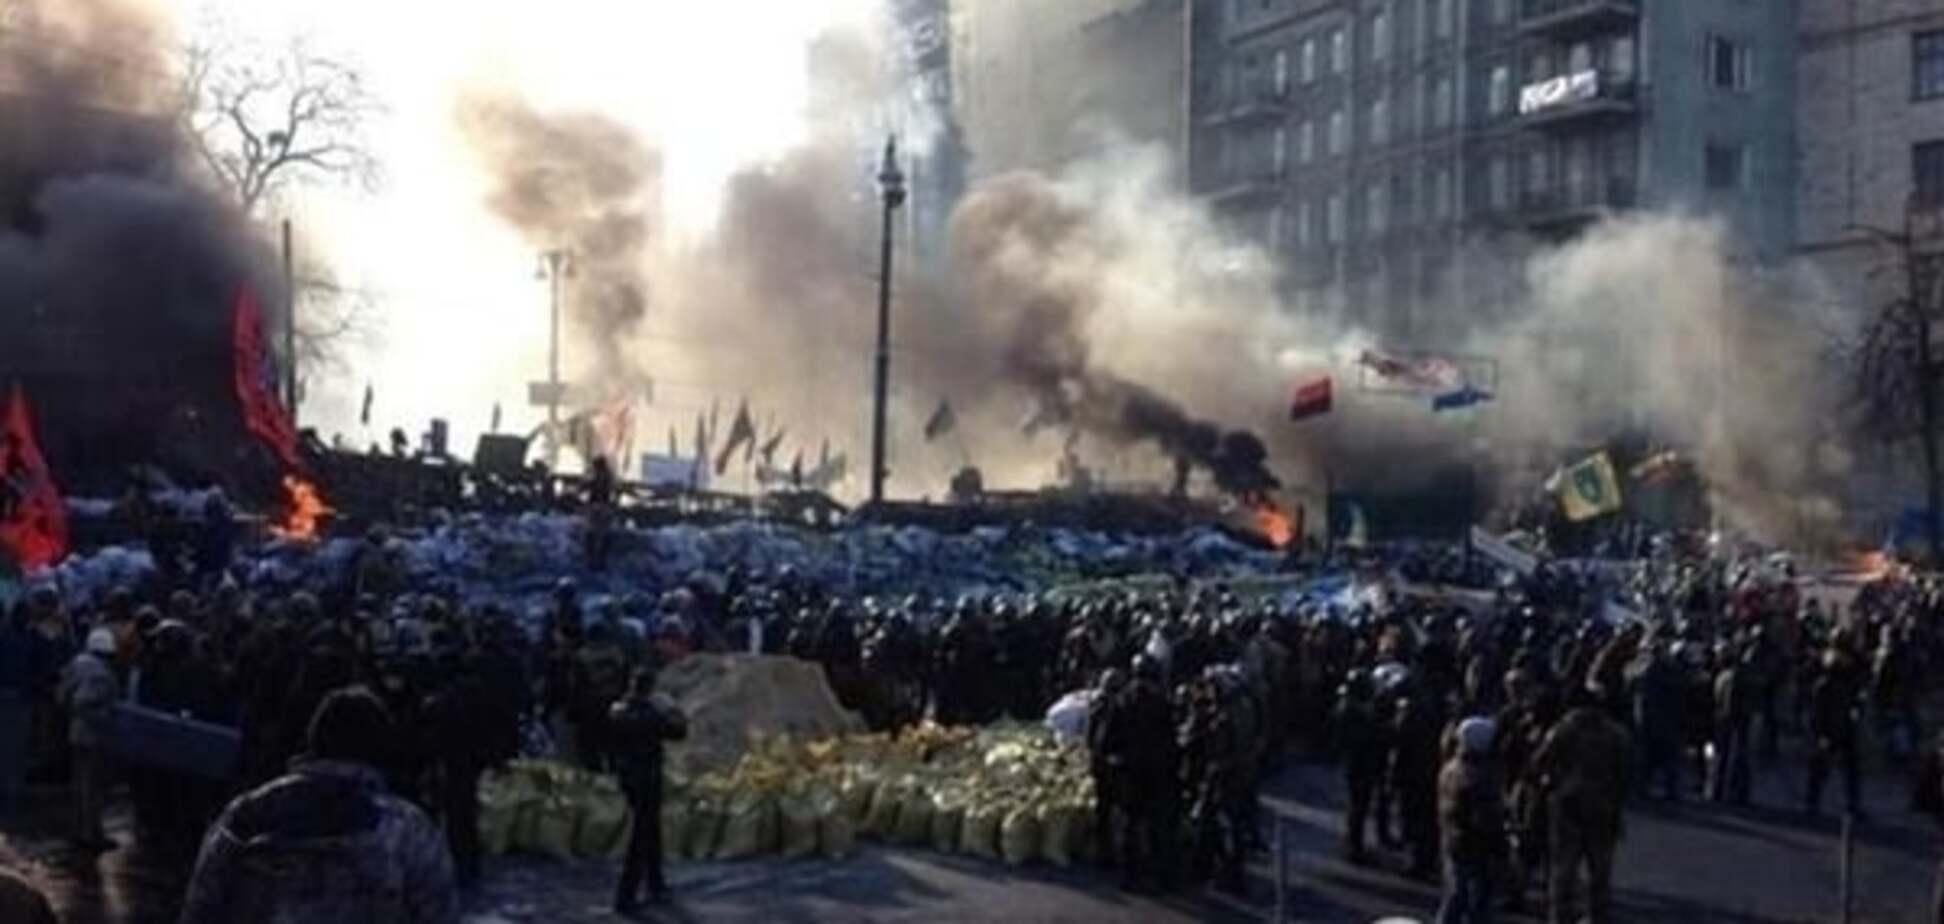 Кто топил Майдан в крови? Задержали экс-командира 'Беркута'